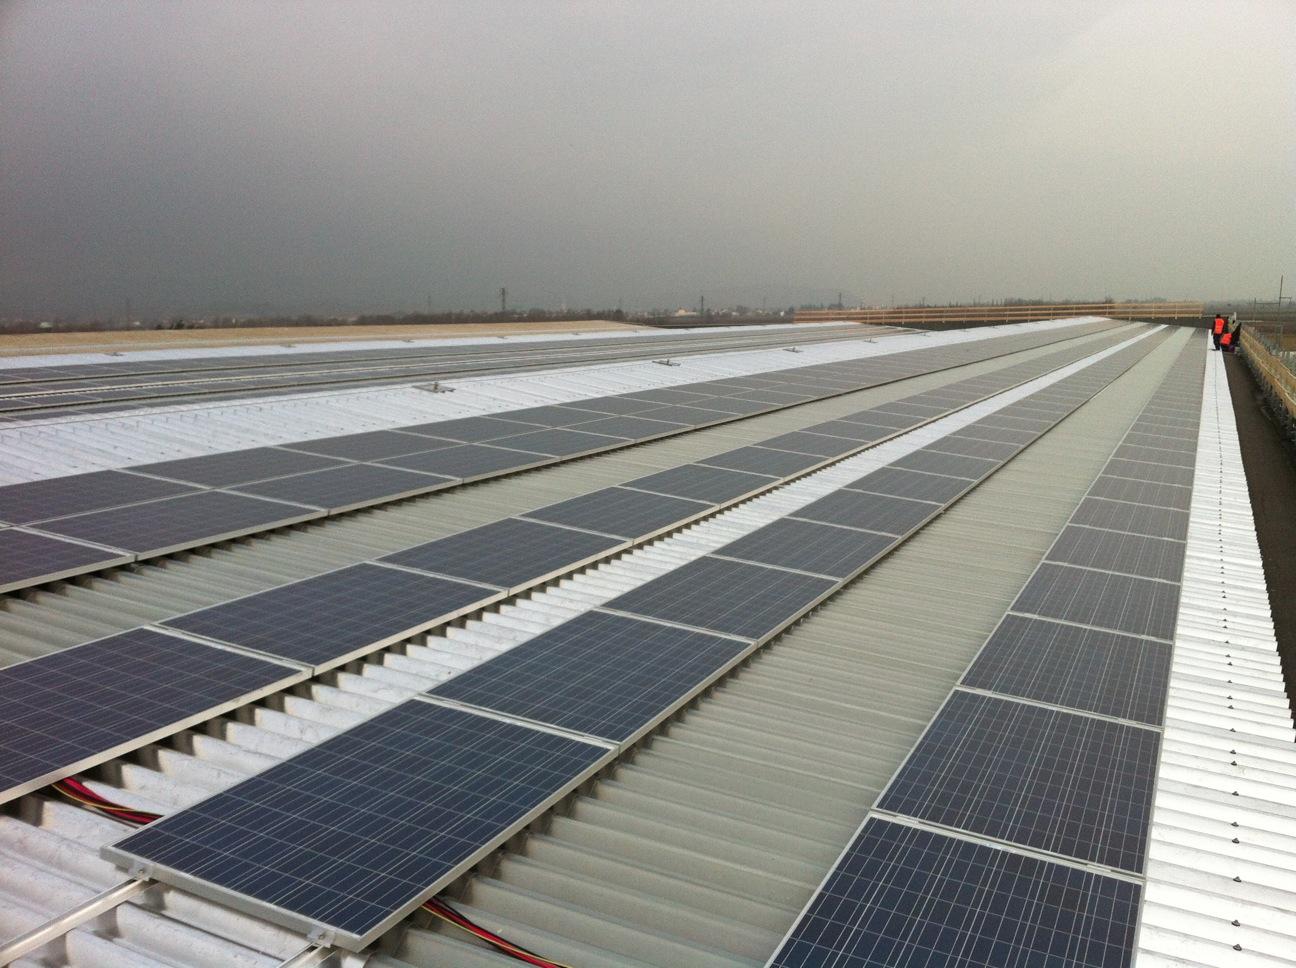 Schema Collegamento Nv10p : Fotovoltaico studio tecnico paglavec fabio